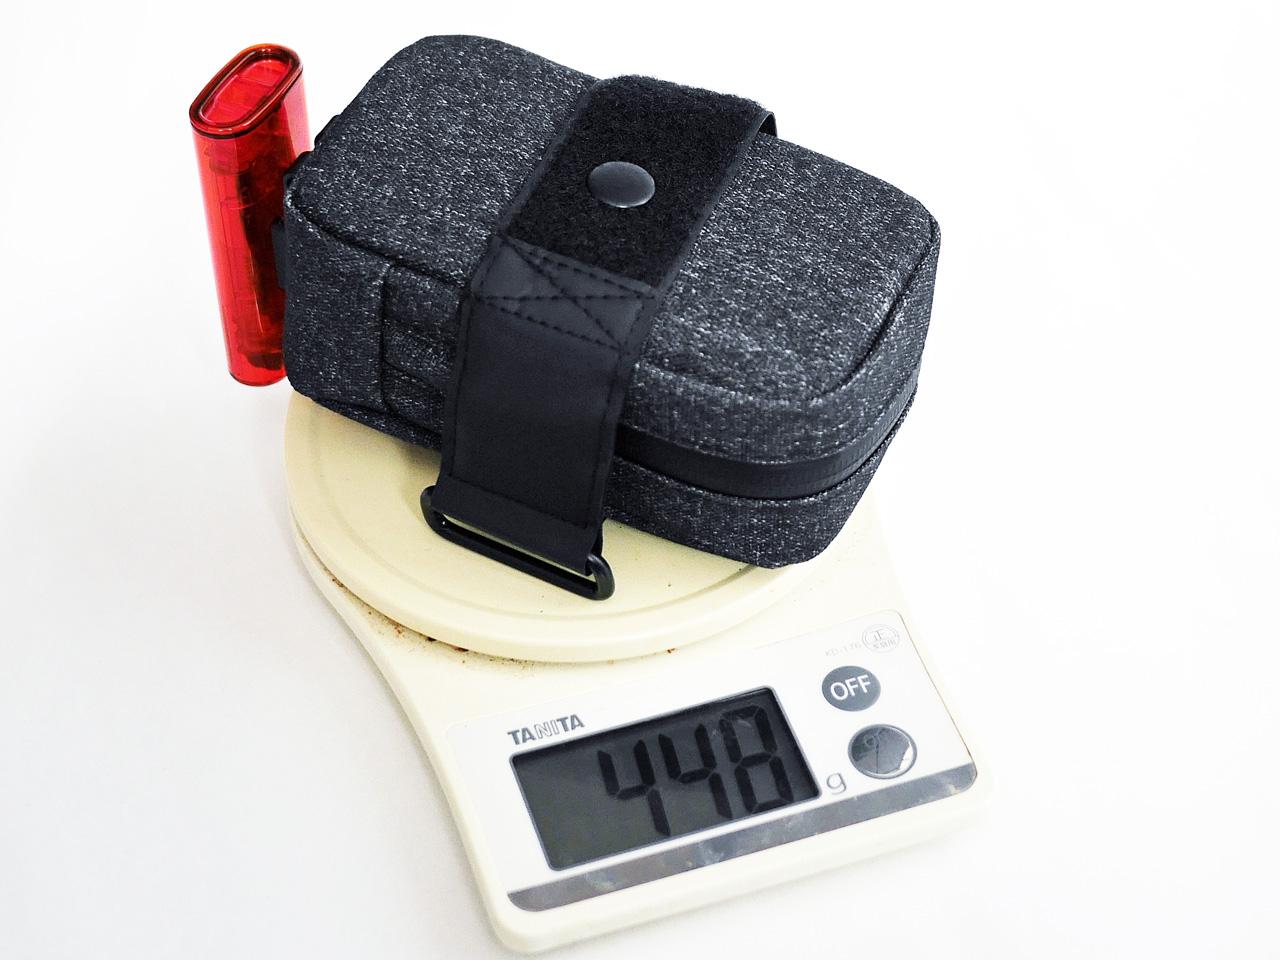 装備品を収納したサドルバッグの重量を計測